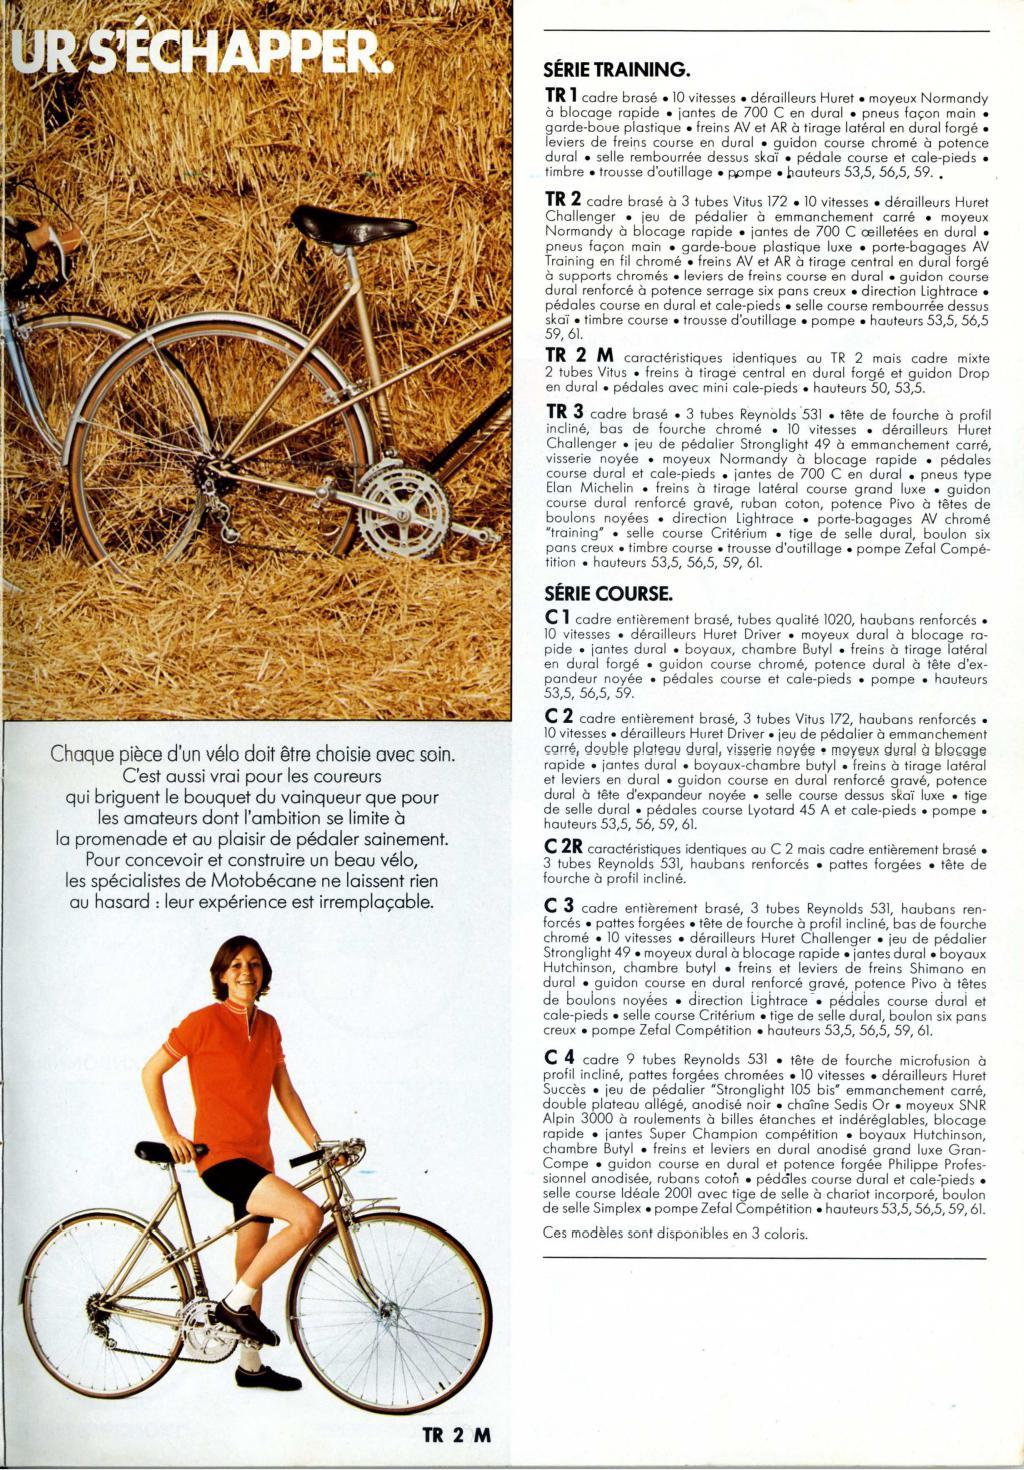 MOTOBECANE TR2M 1979 78moto09-4d1da74